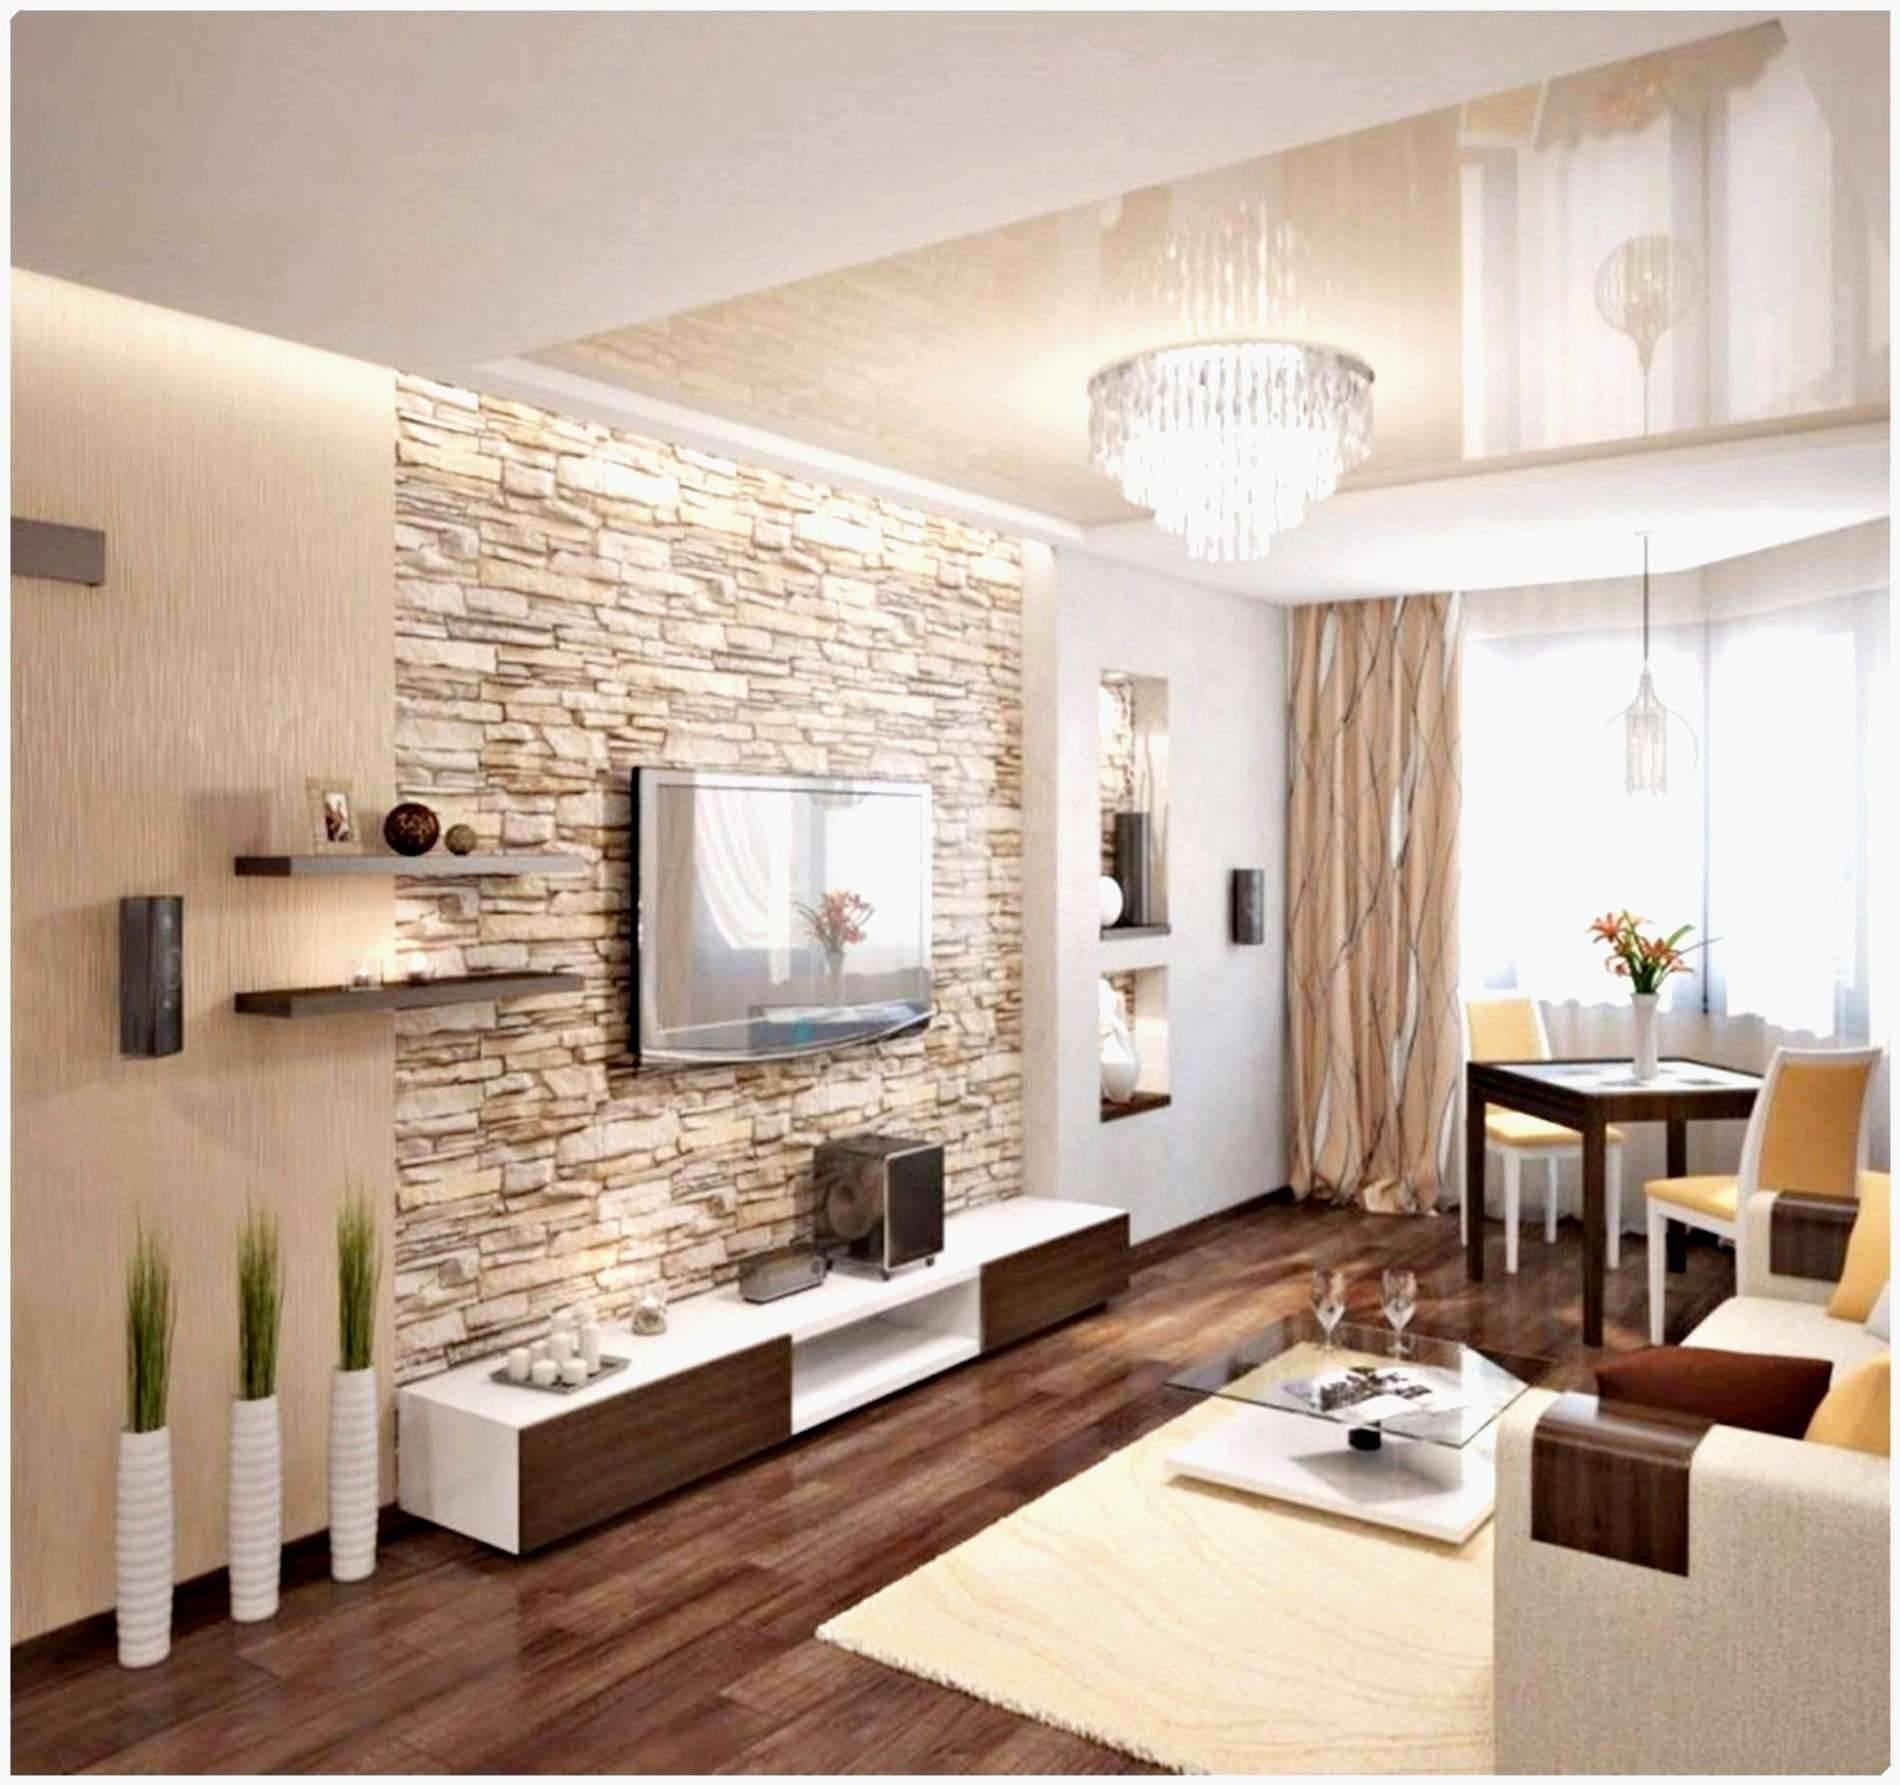 massivholzmobel wohnzimmer modern beautiful 40 reizend inspirationen dekoration fur den garten of massivholzmobel wohnzimmer modern